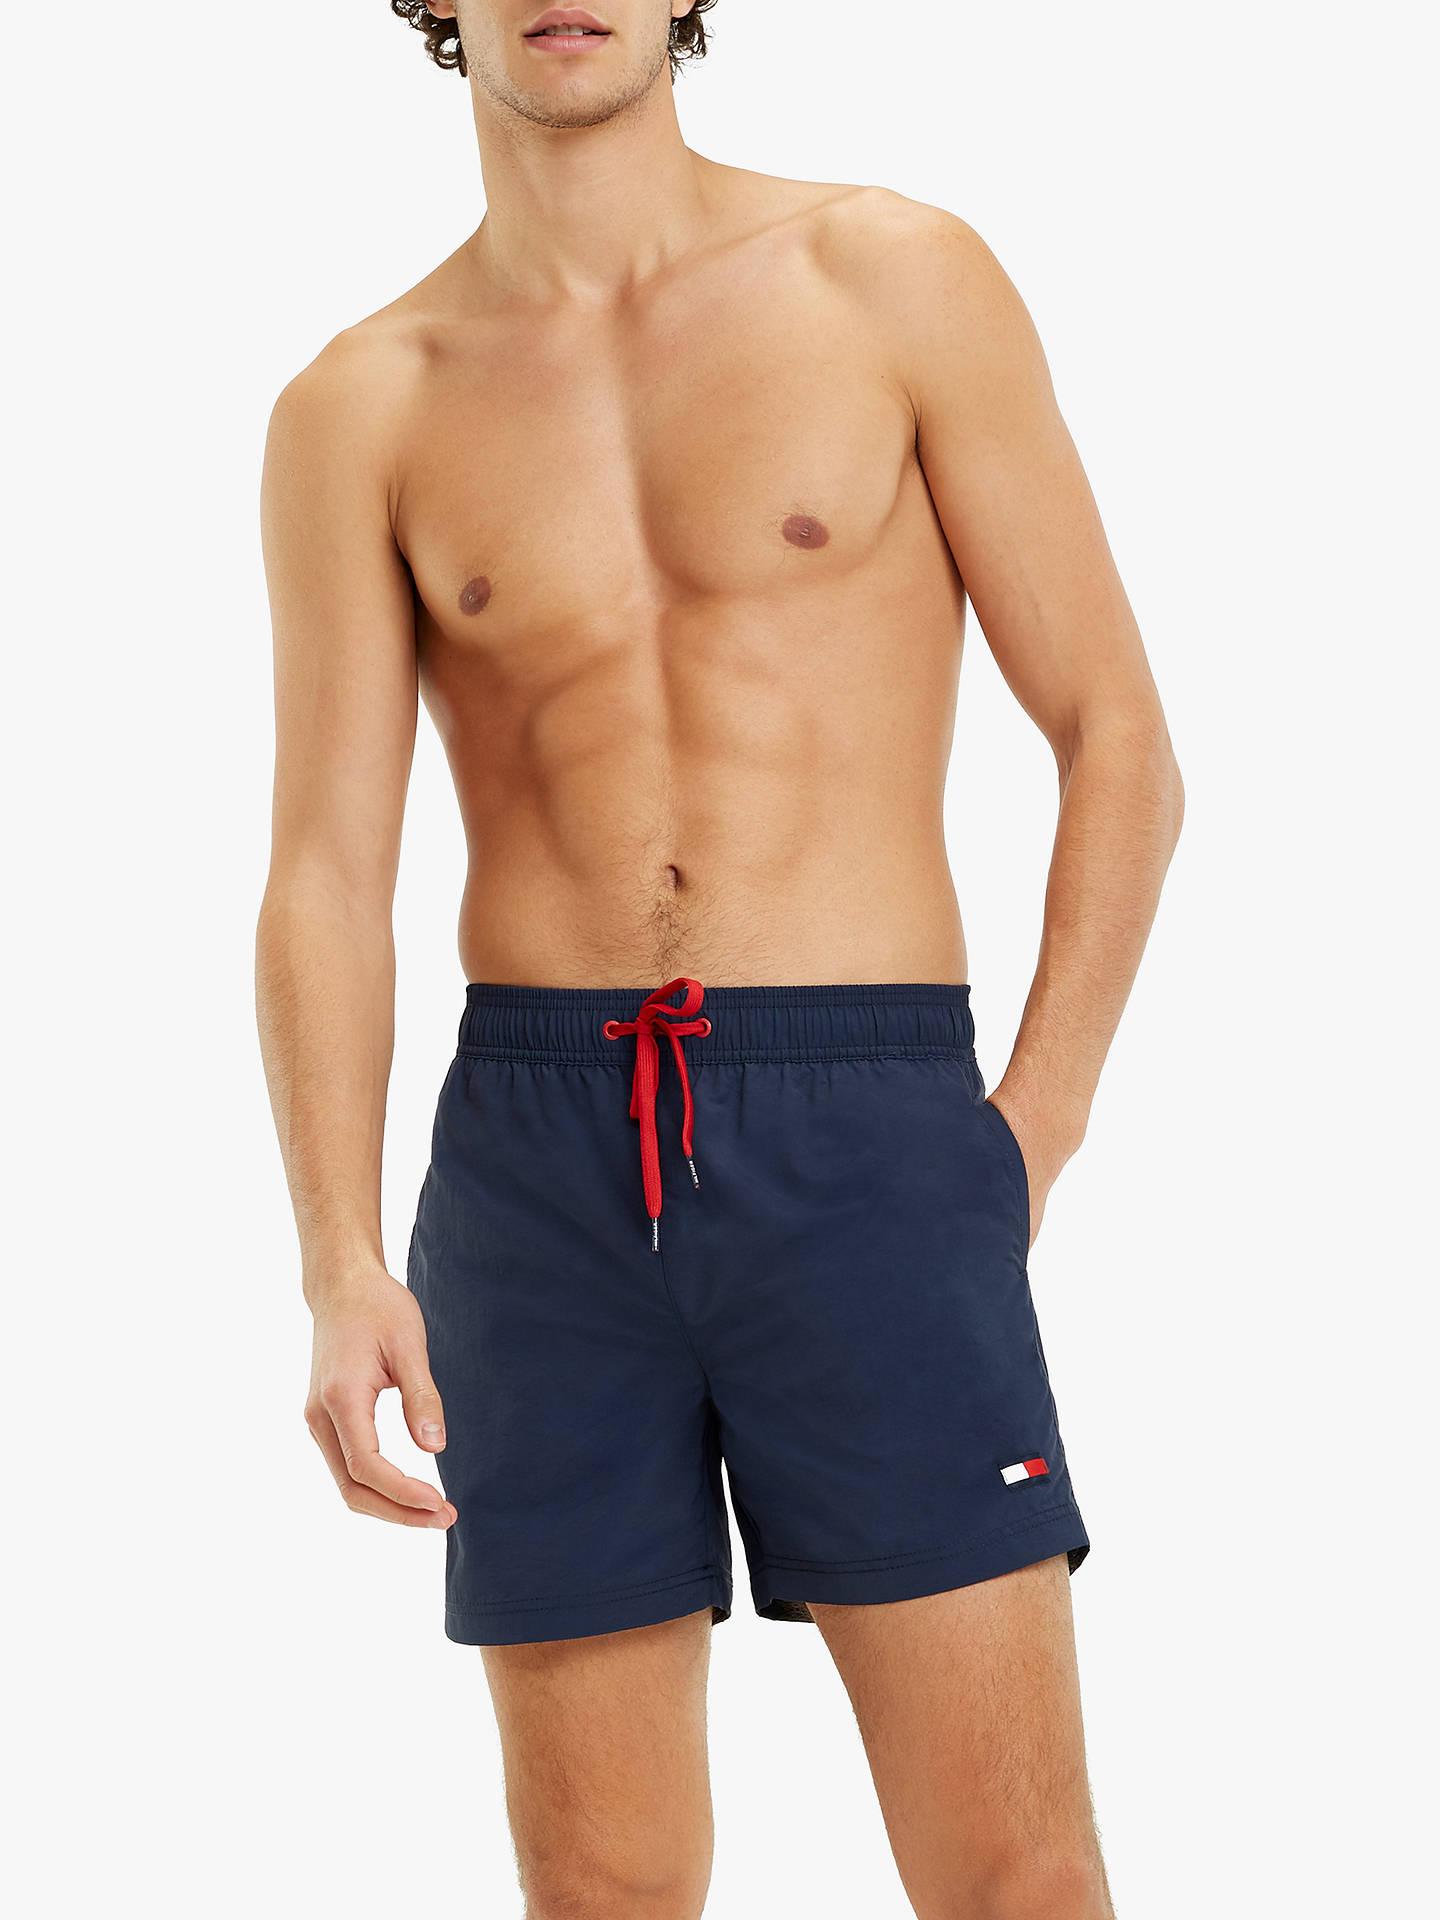 74eaf09d2a Buy Tommy Hilfiger Plain Swim Shorts, Navy Blazer, M Online at  johnlewis.com ...